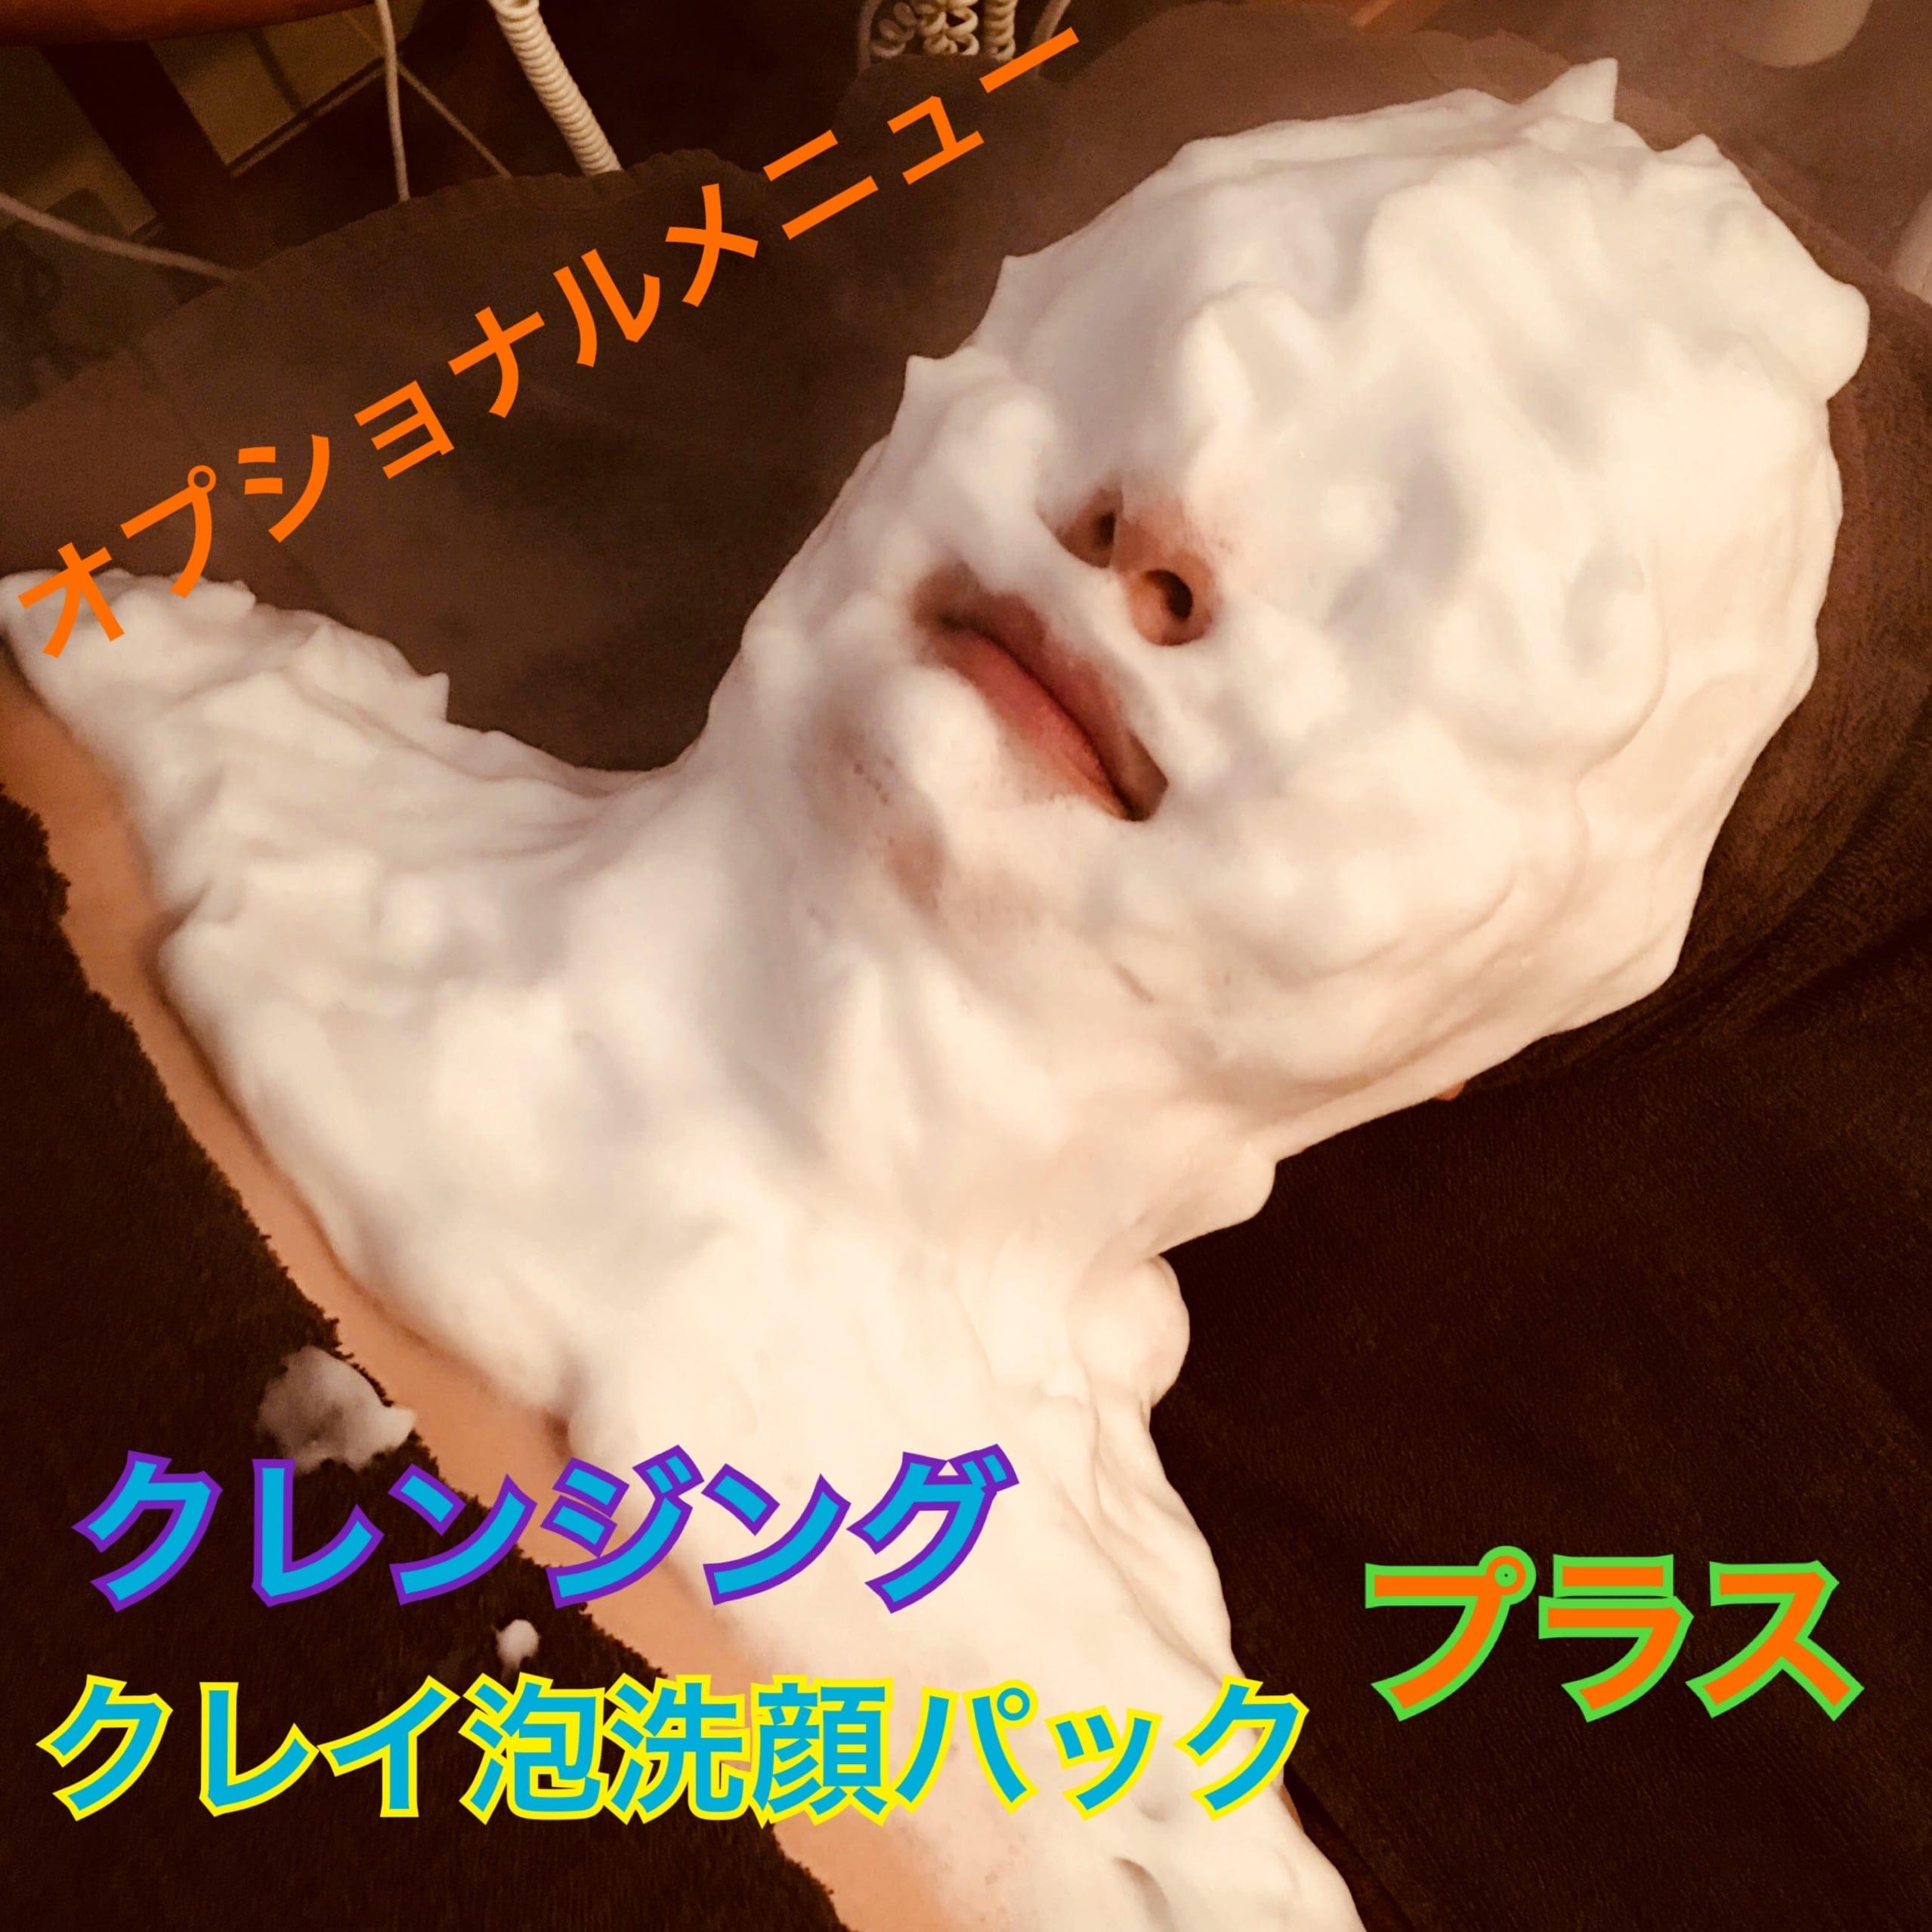 【広めにクレンンジング】クレンジング&クレイ泡洗顔パックプラスのイメージその4